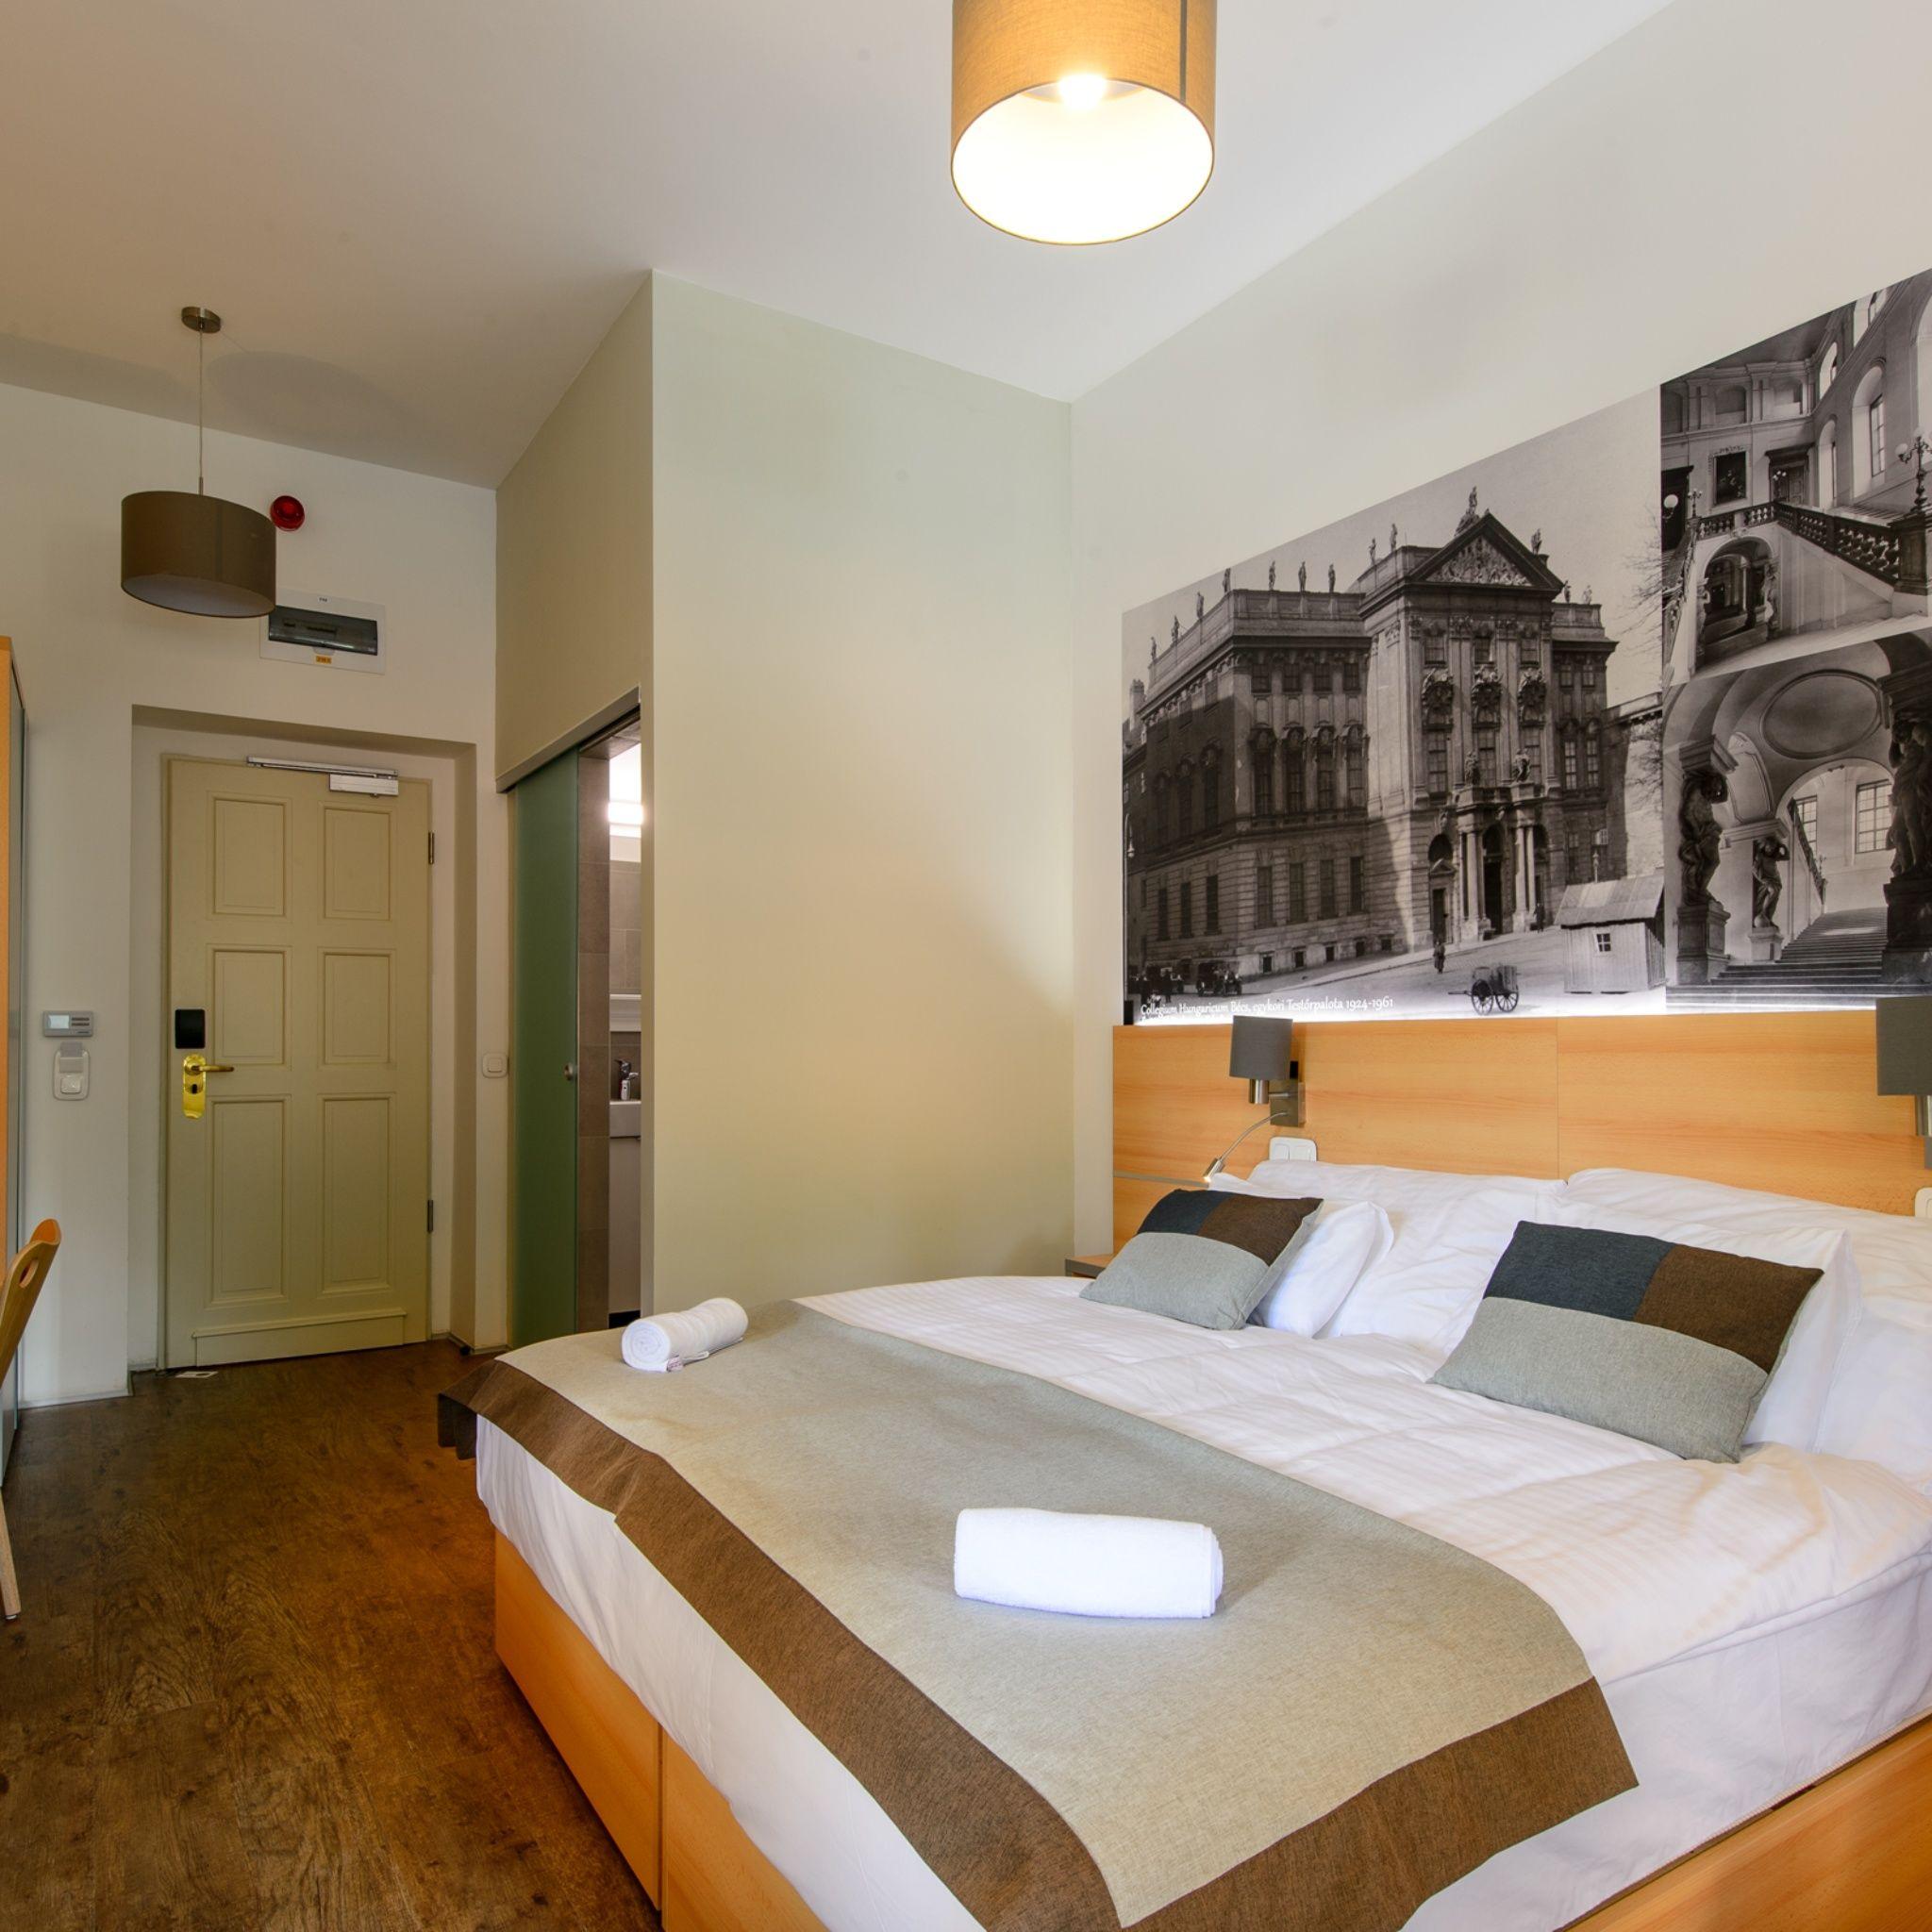 Klebelsberg Kastély Hotel Budapest - Classic kétágyas szoba